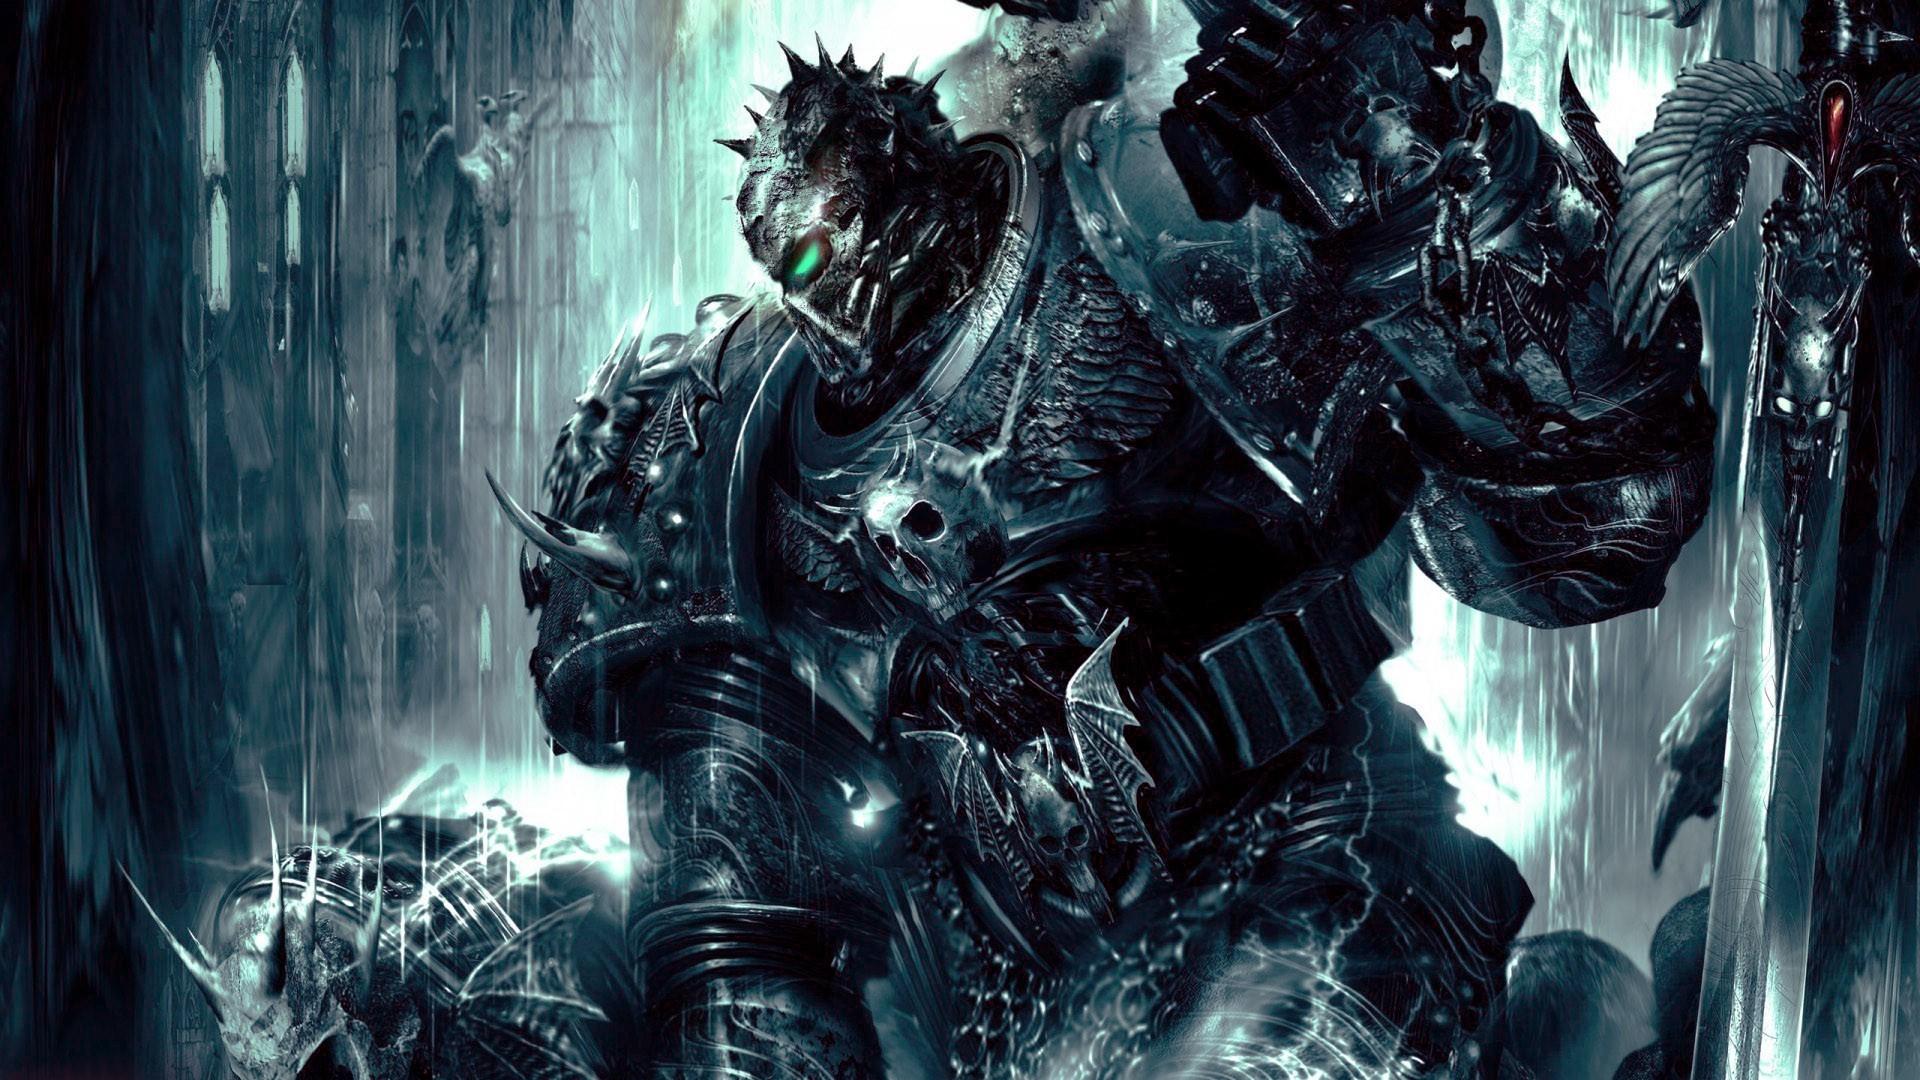 Warhammer 40k Space Marine Wallpaper